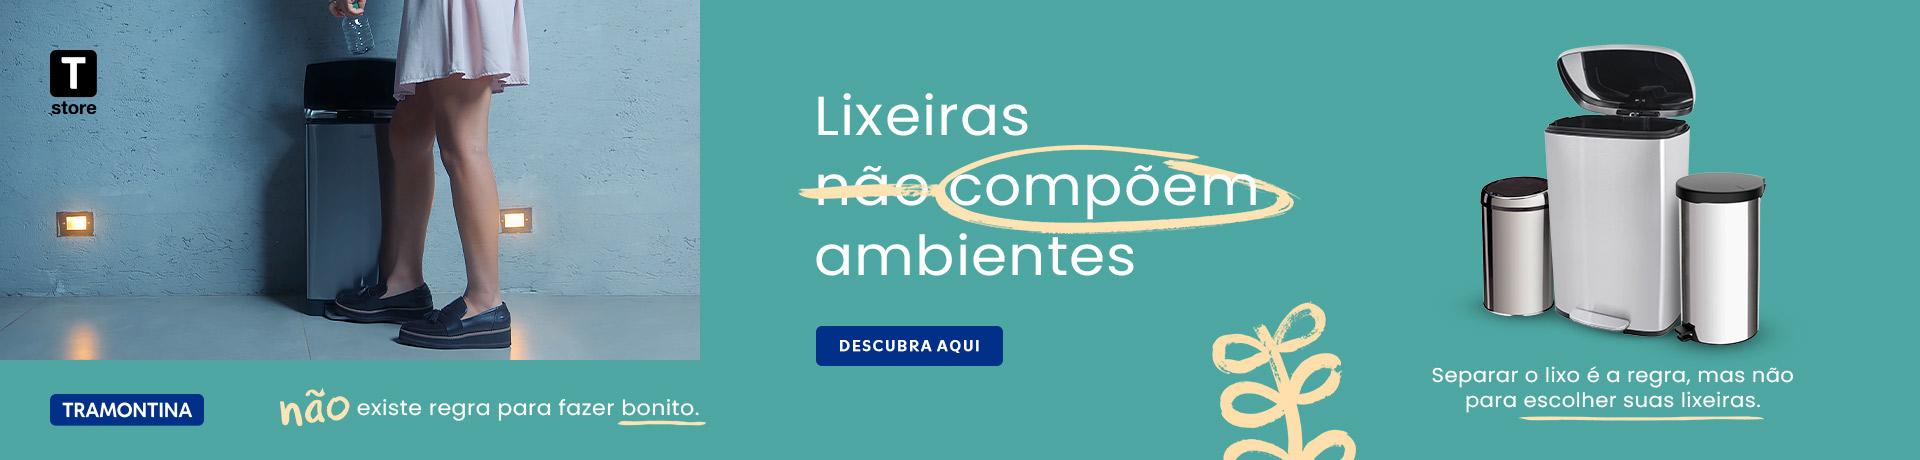 Banner 2 - Lixeiras